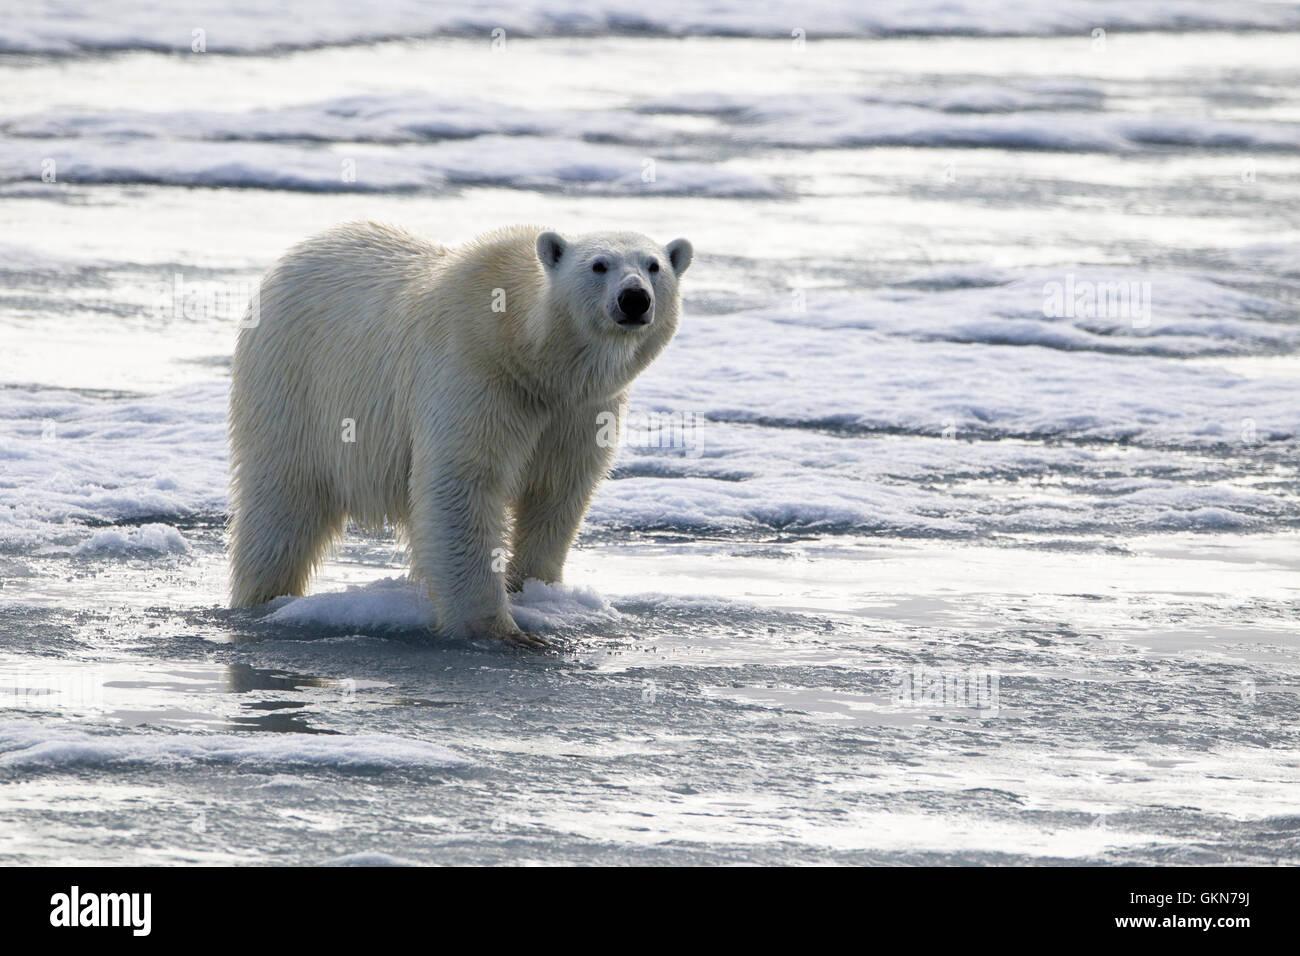 L'ours blanc, Ursus maritimus, promenades à travers la glace, Svalbard, de l'Arctique. Banque D'Images